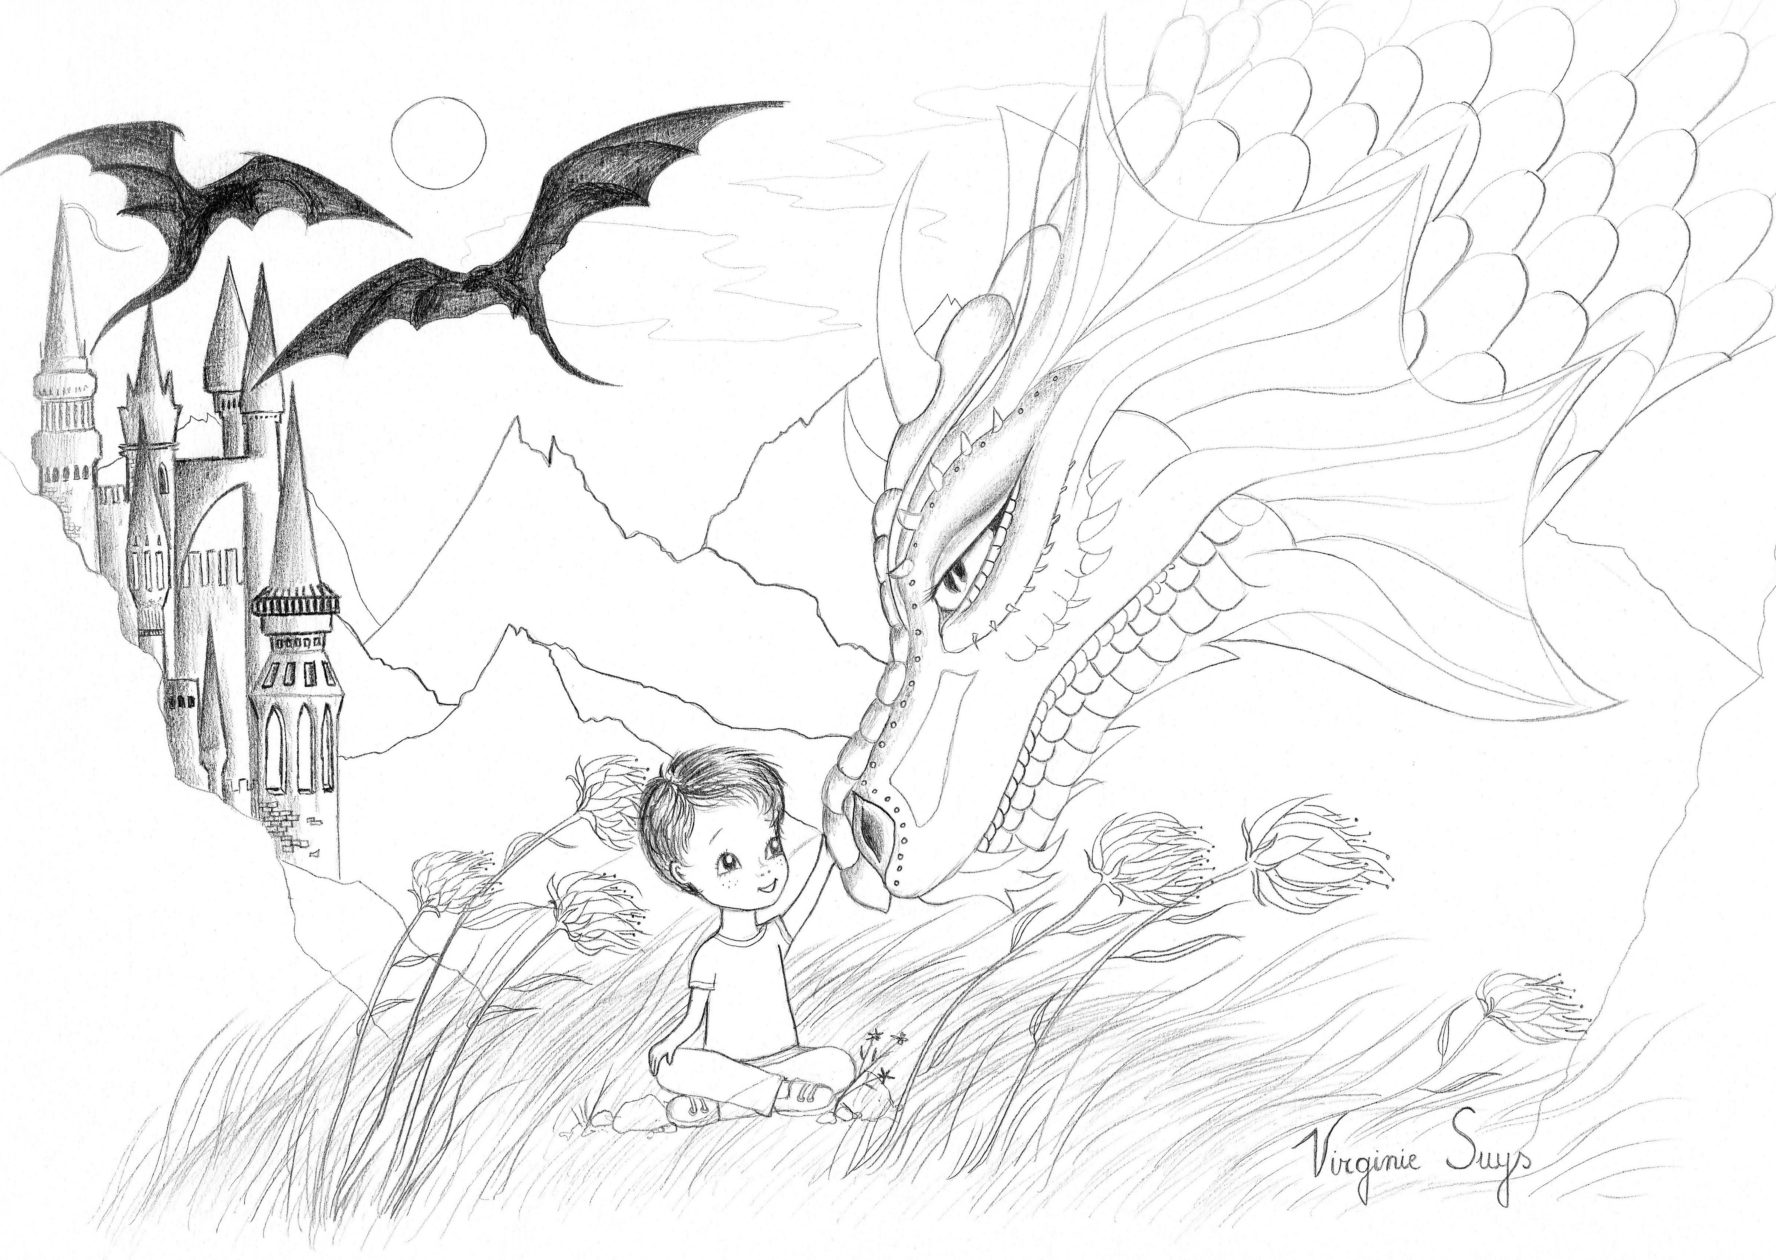 Virginie Suys Dragonboy in black & white illustration